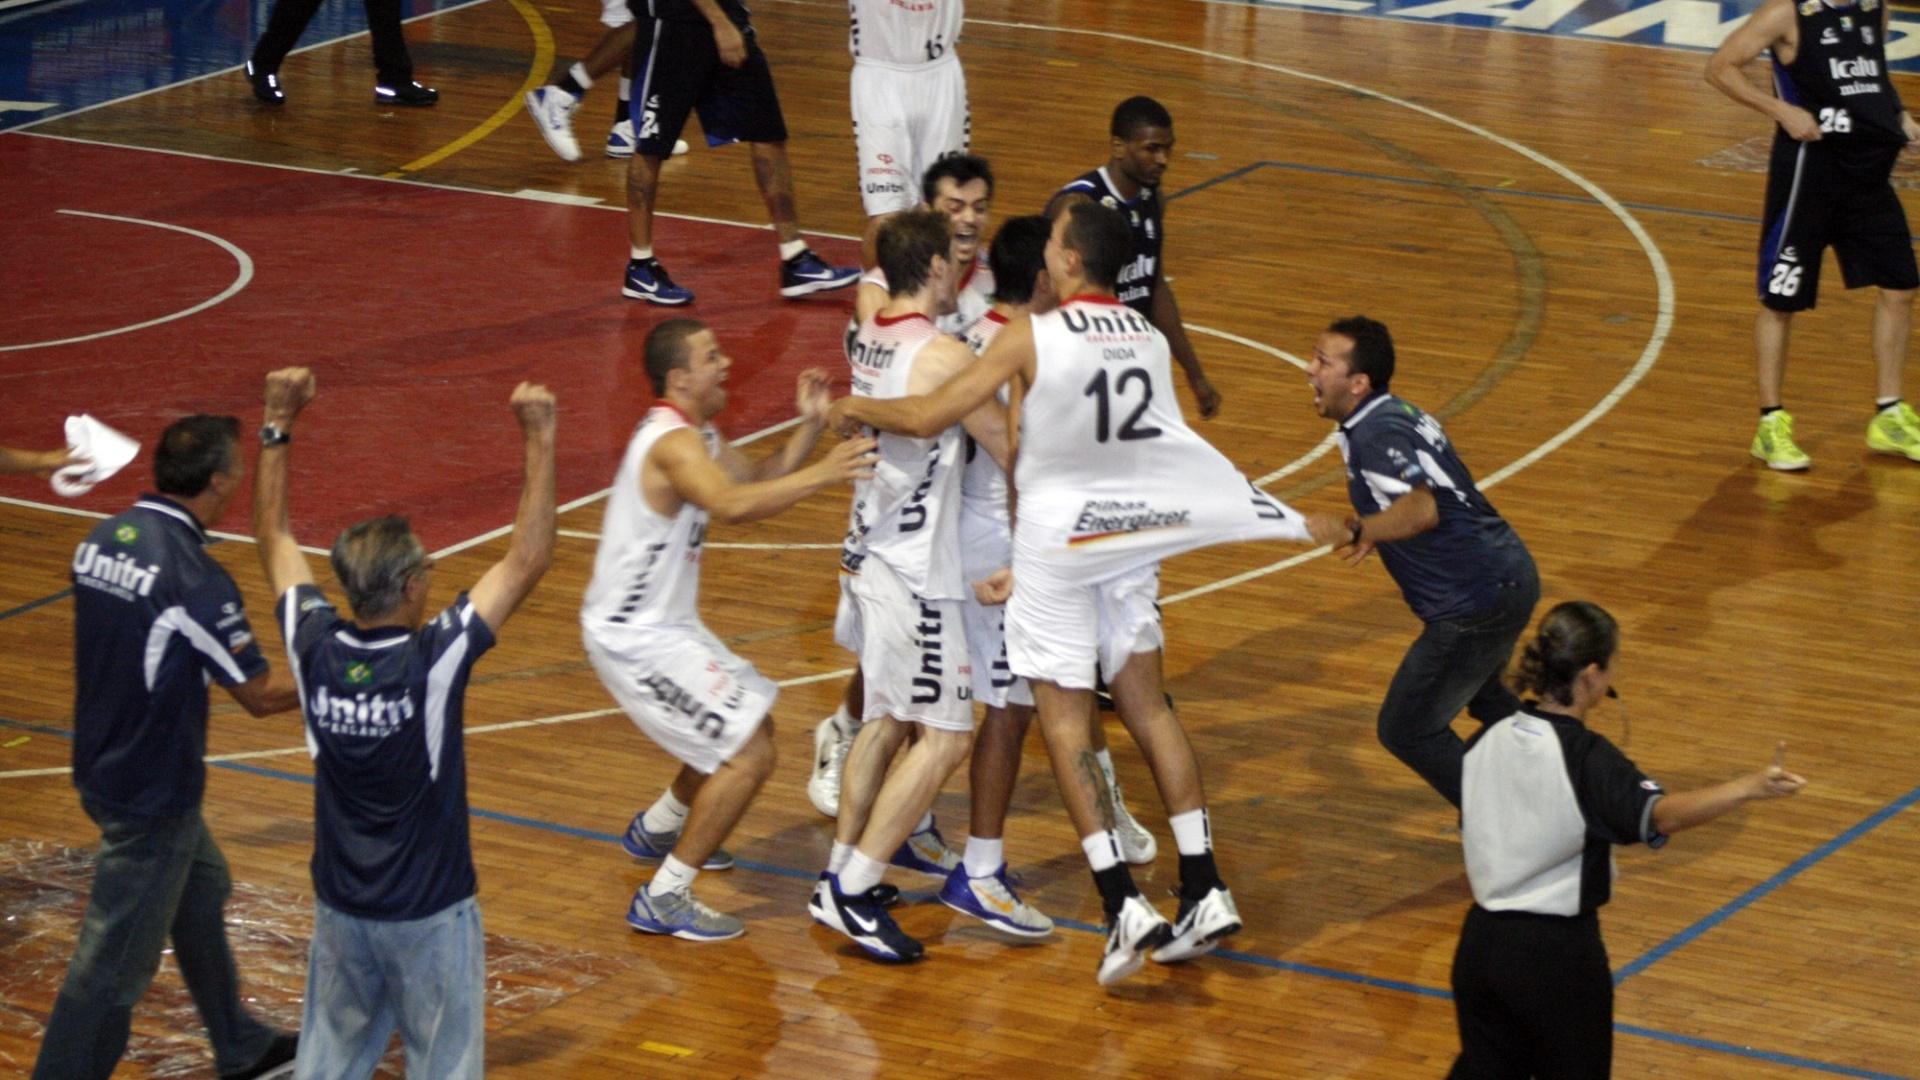 10.jan.2013 - Jogadores do Uberlândia comemoram a cesta de Helinho, que deu a vitória ao time contra o Minas Tênis Clube